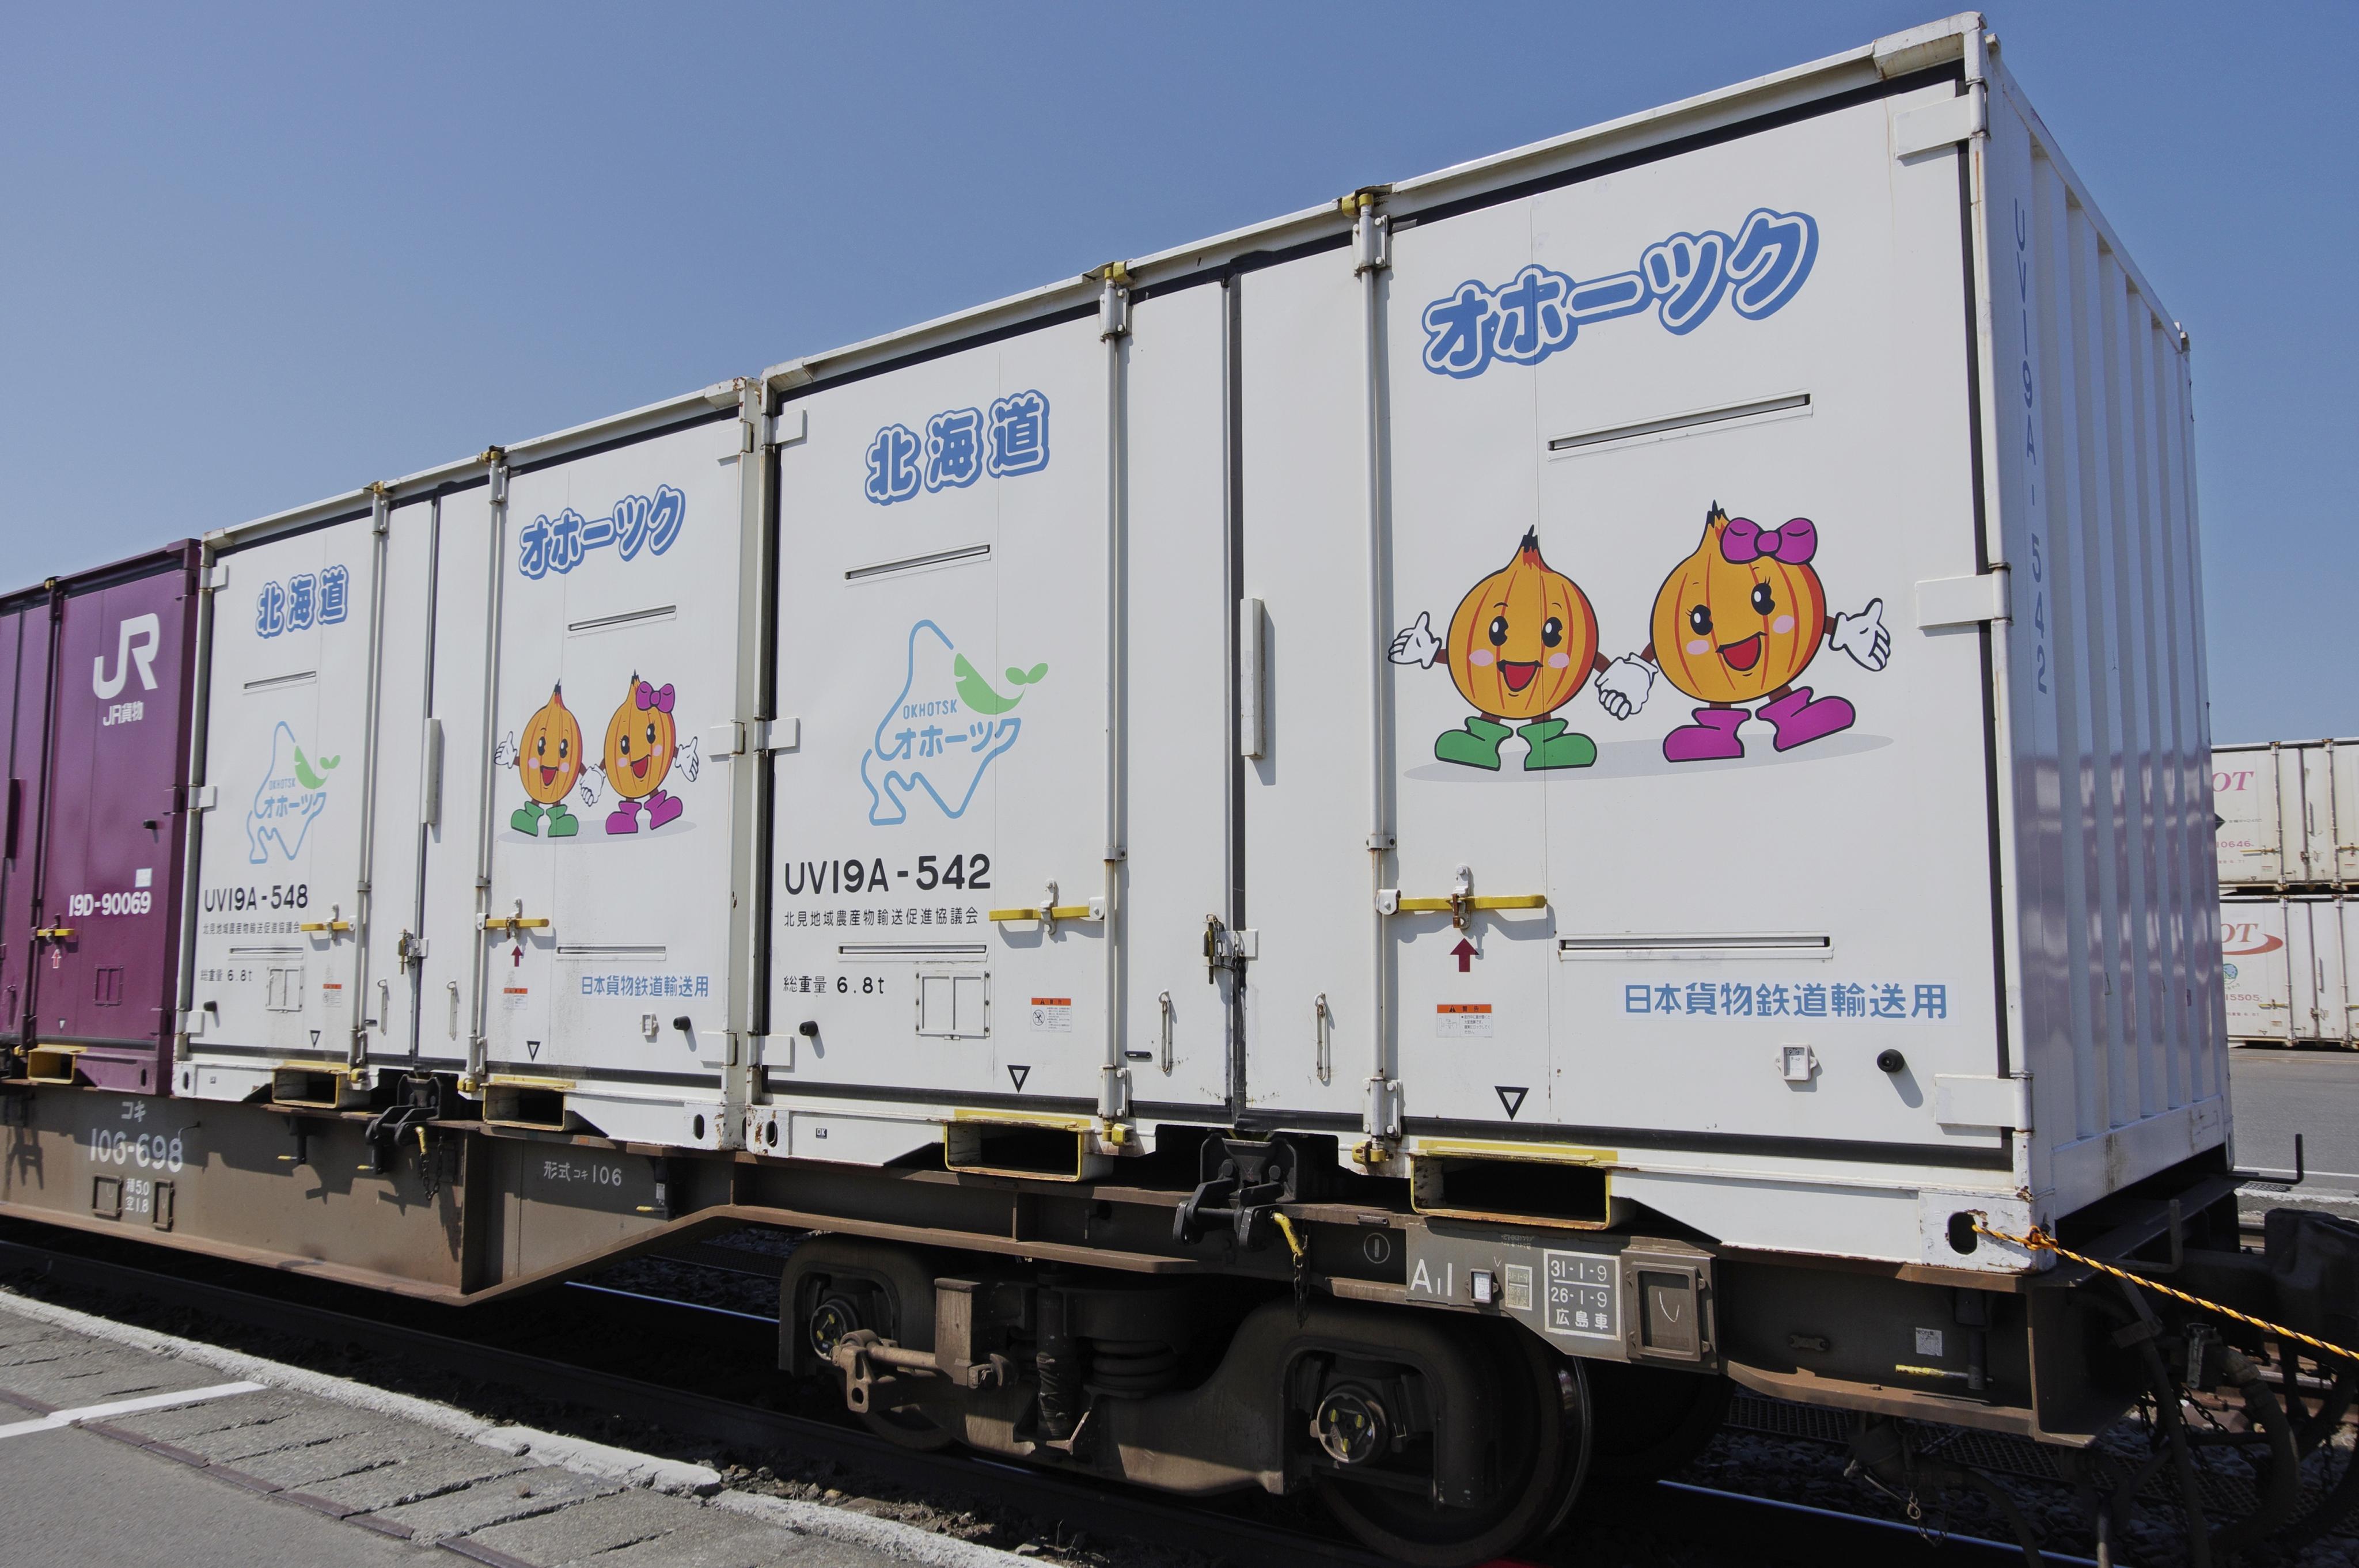 鉄道貨物フェスティバル2018in札幌 タマネギ_180520.jpg